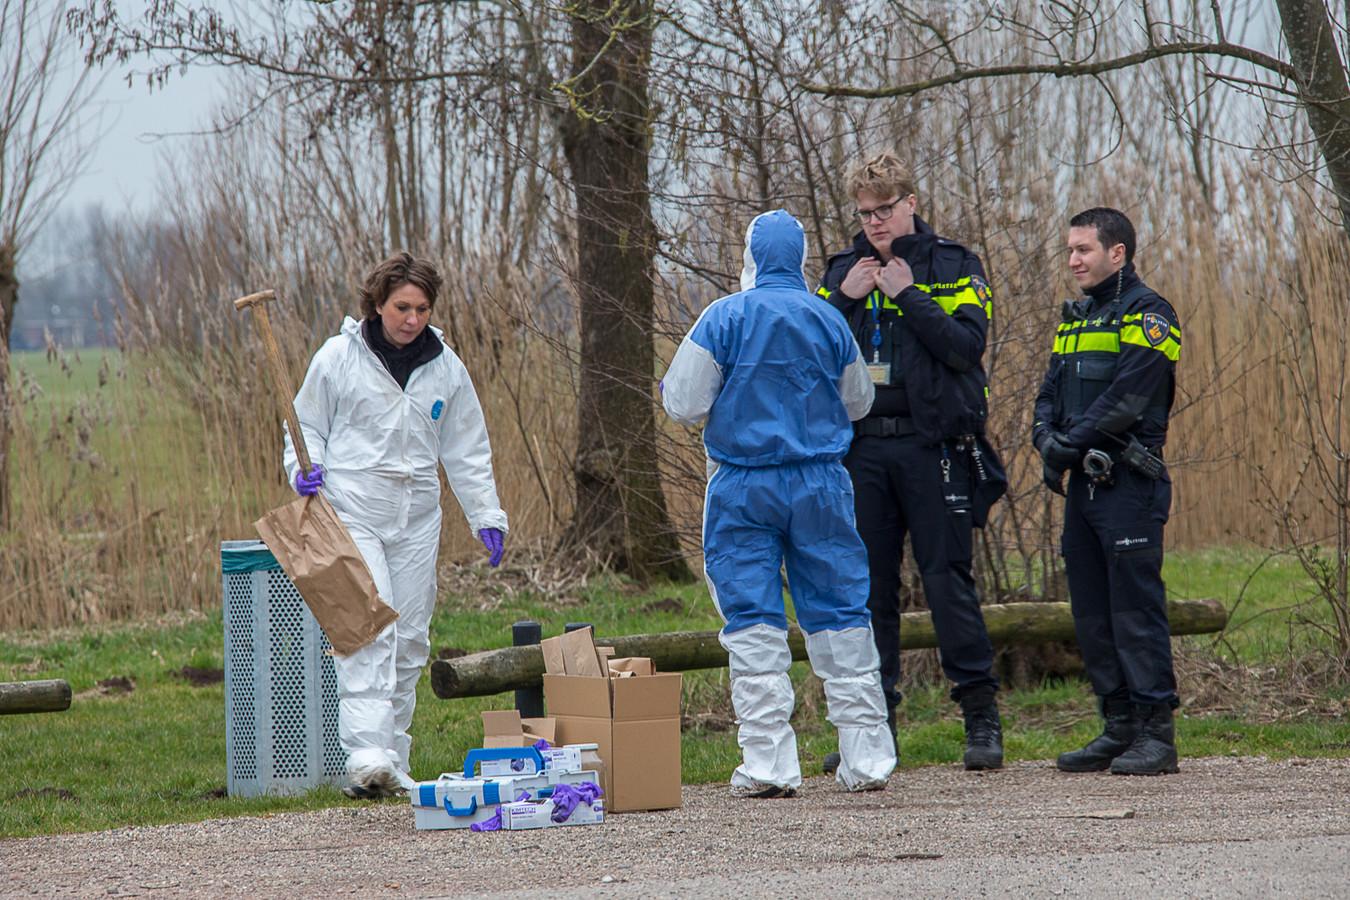 Rechercheurs van de politie deden uitgebreid onderzoek aan de Bosdijk bij Nieuwer Ter Aa, waar het slachtoffer mee naartoe werd genomen.